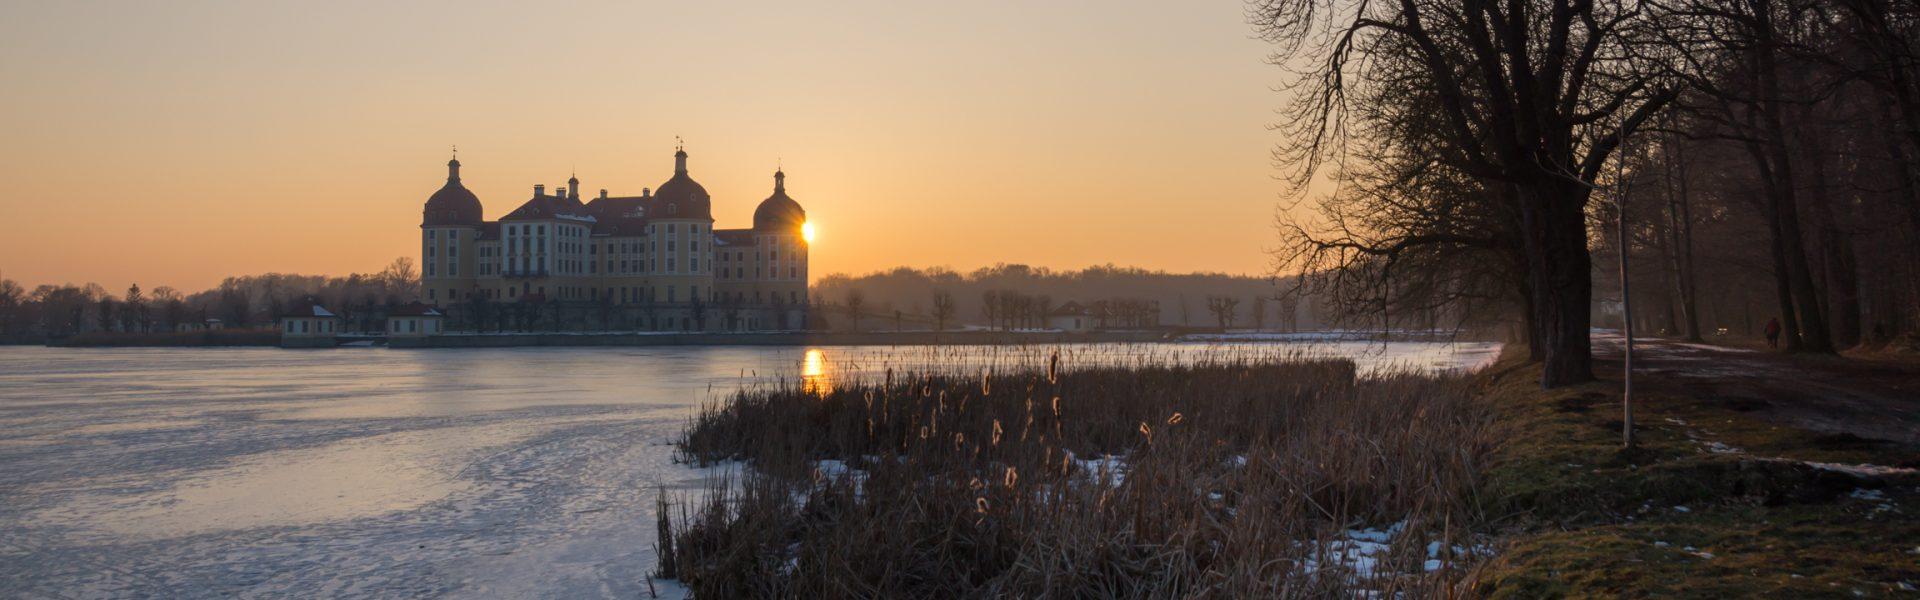 Moritzburg, Spaziergang am Schlossteich